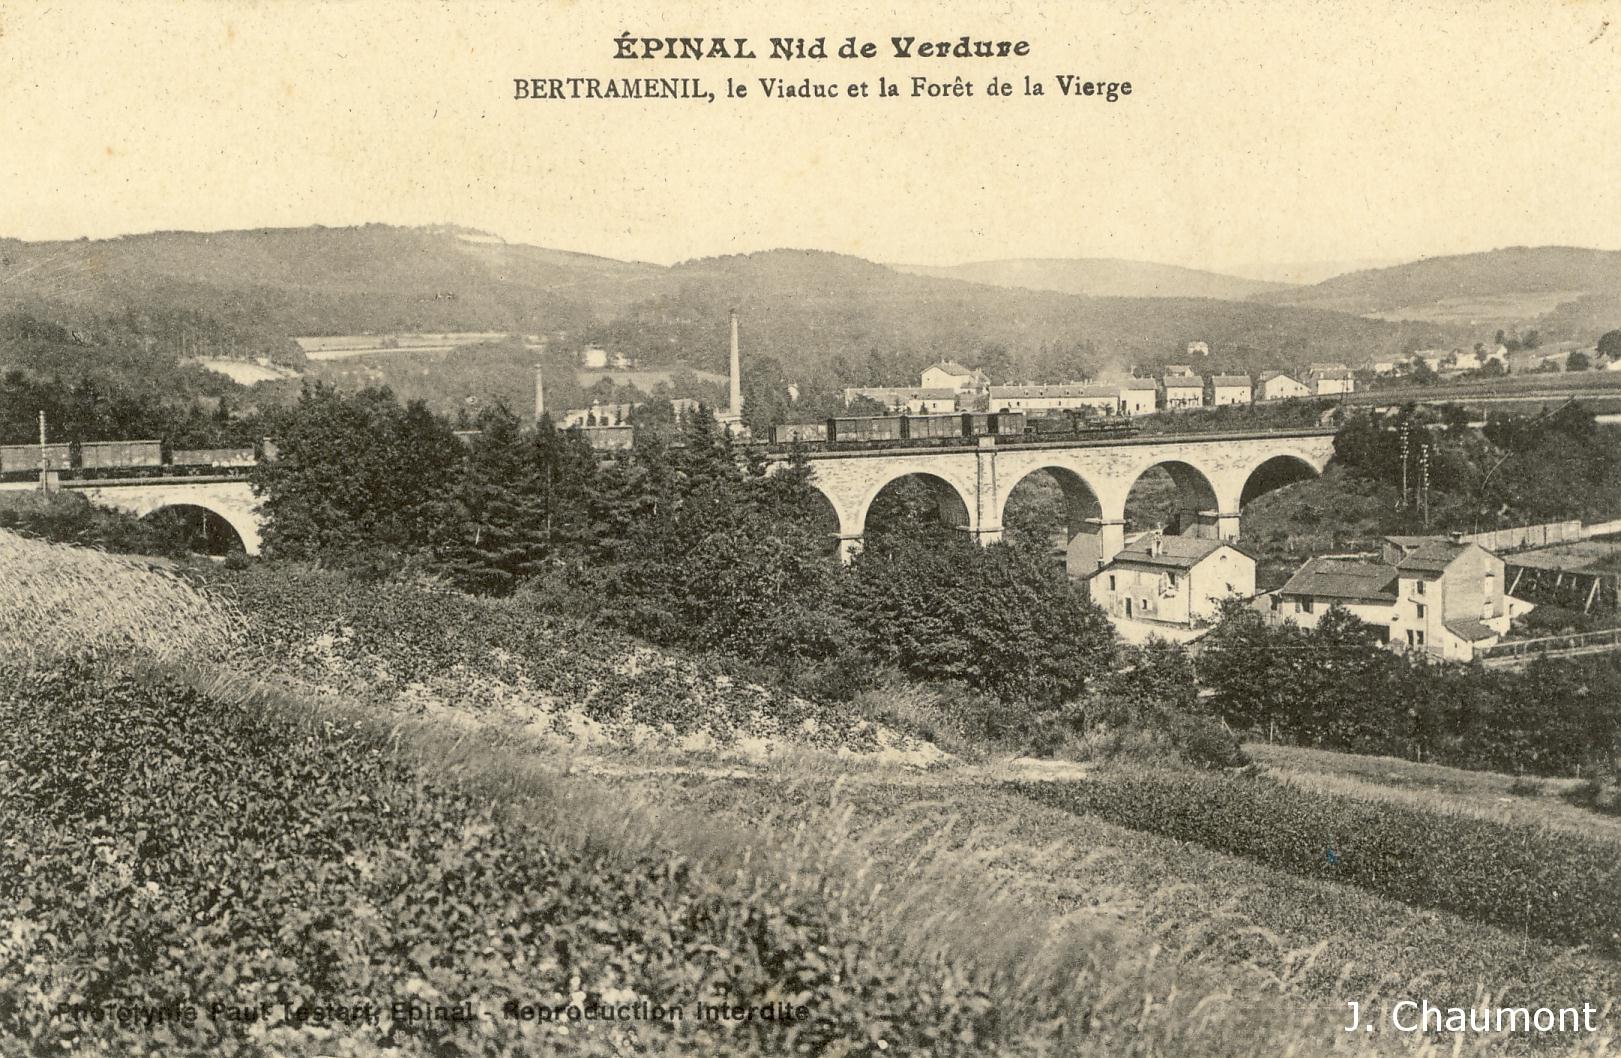 Bertraménil, Viaduc et Forêt de la Vierge